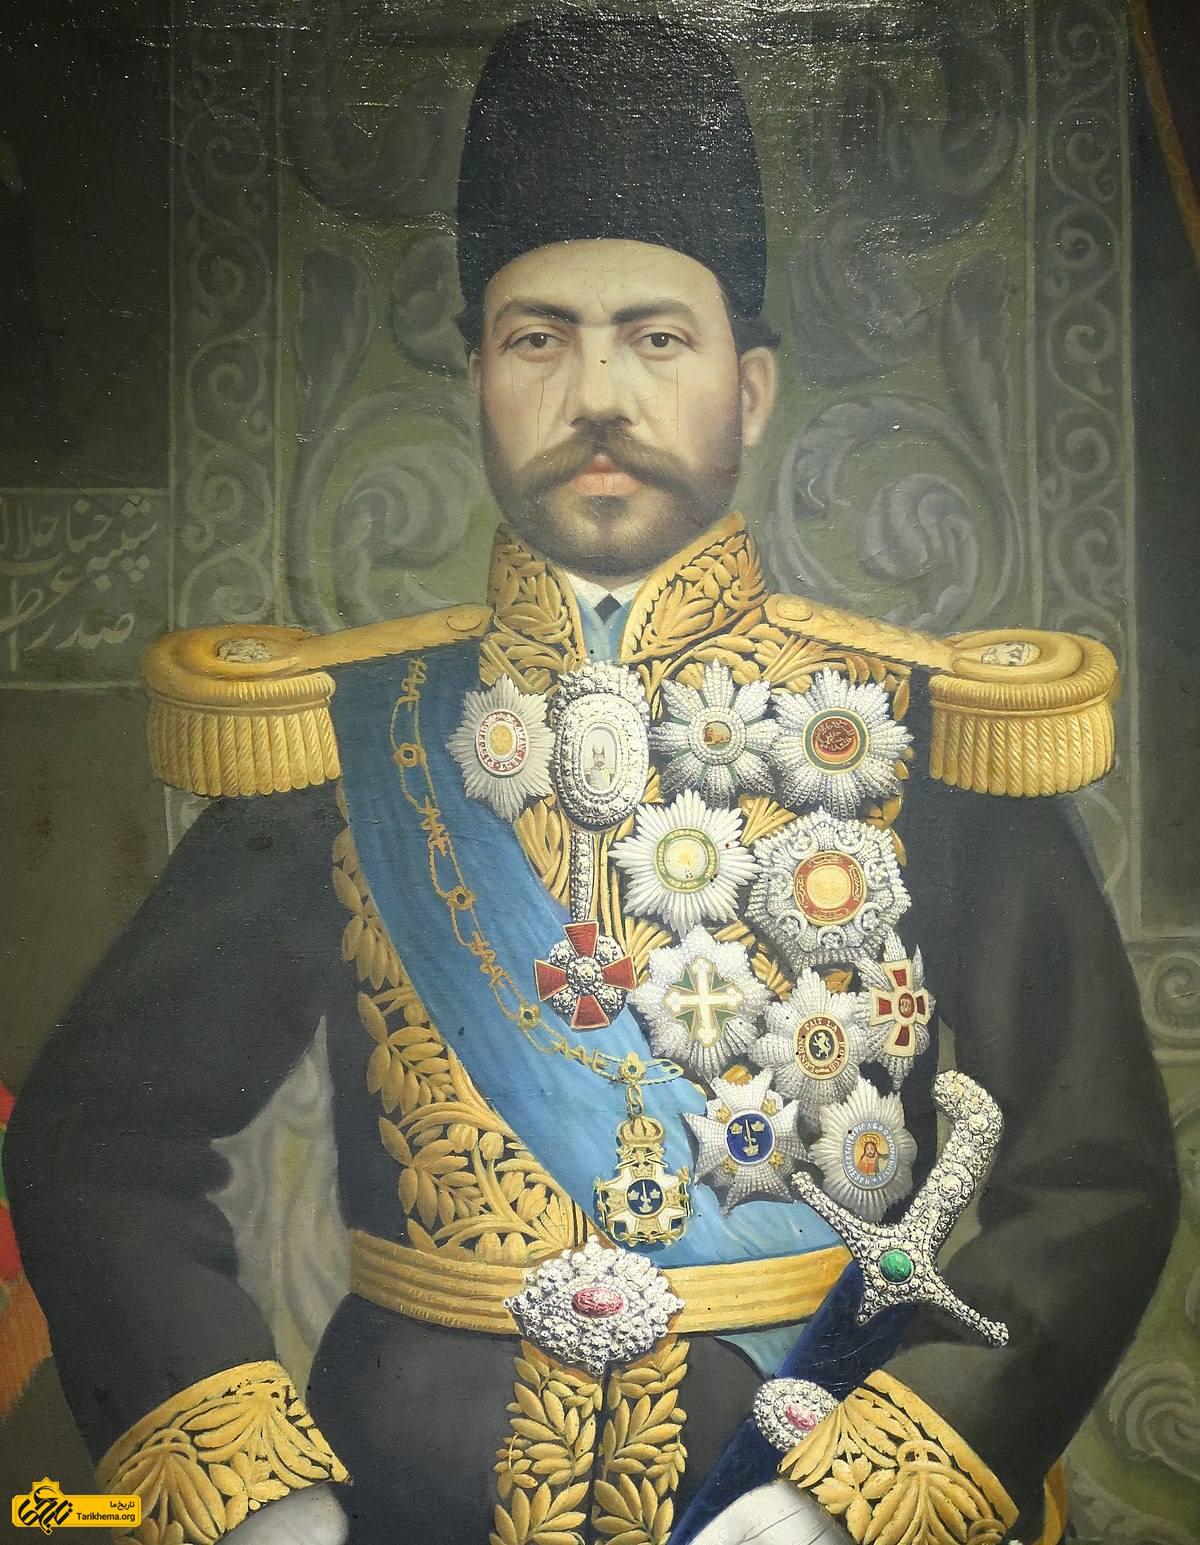 میرزاحسین خان سپهسالار